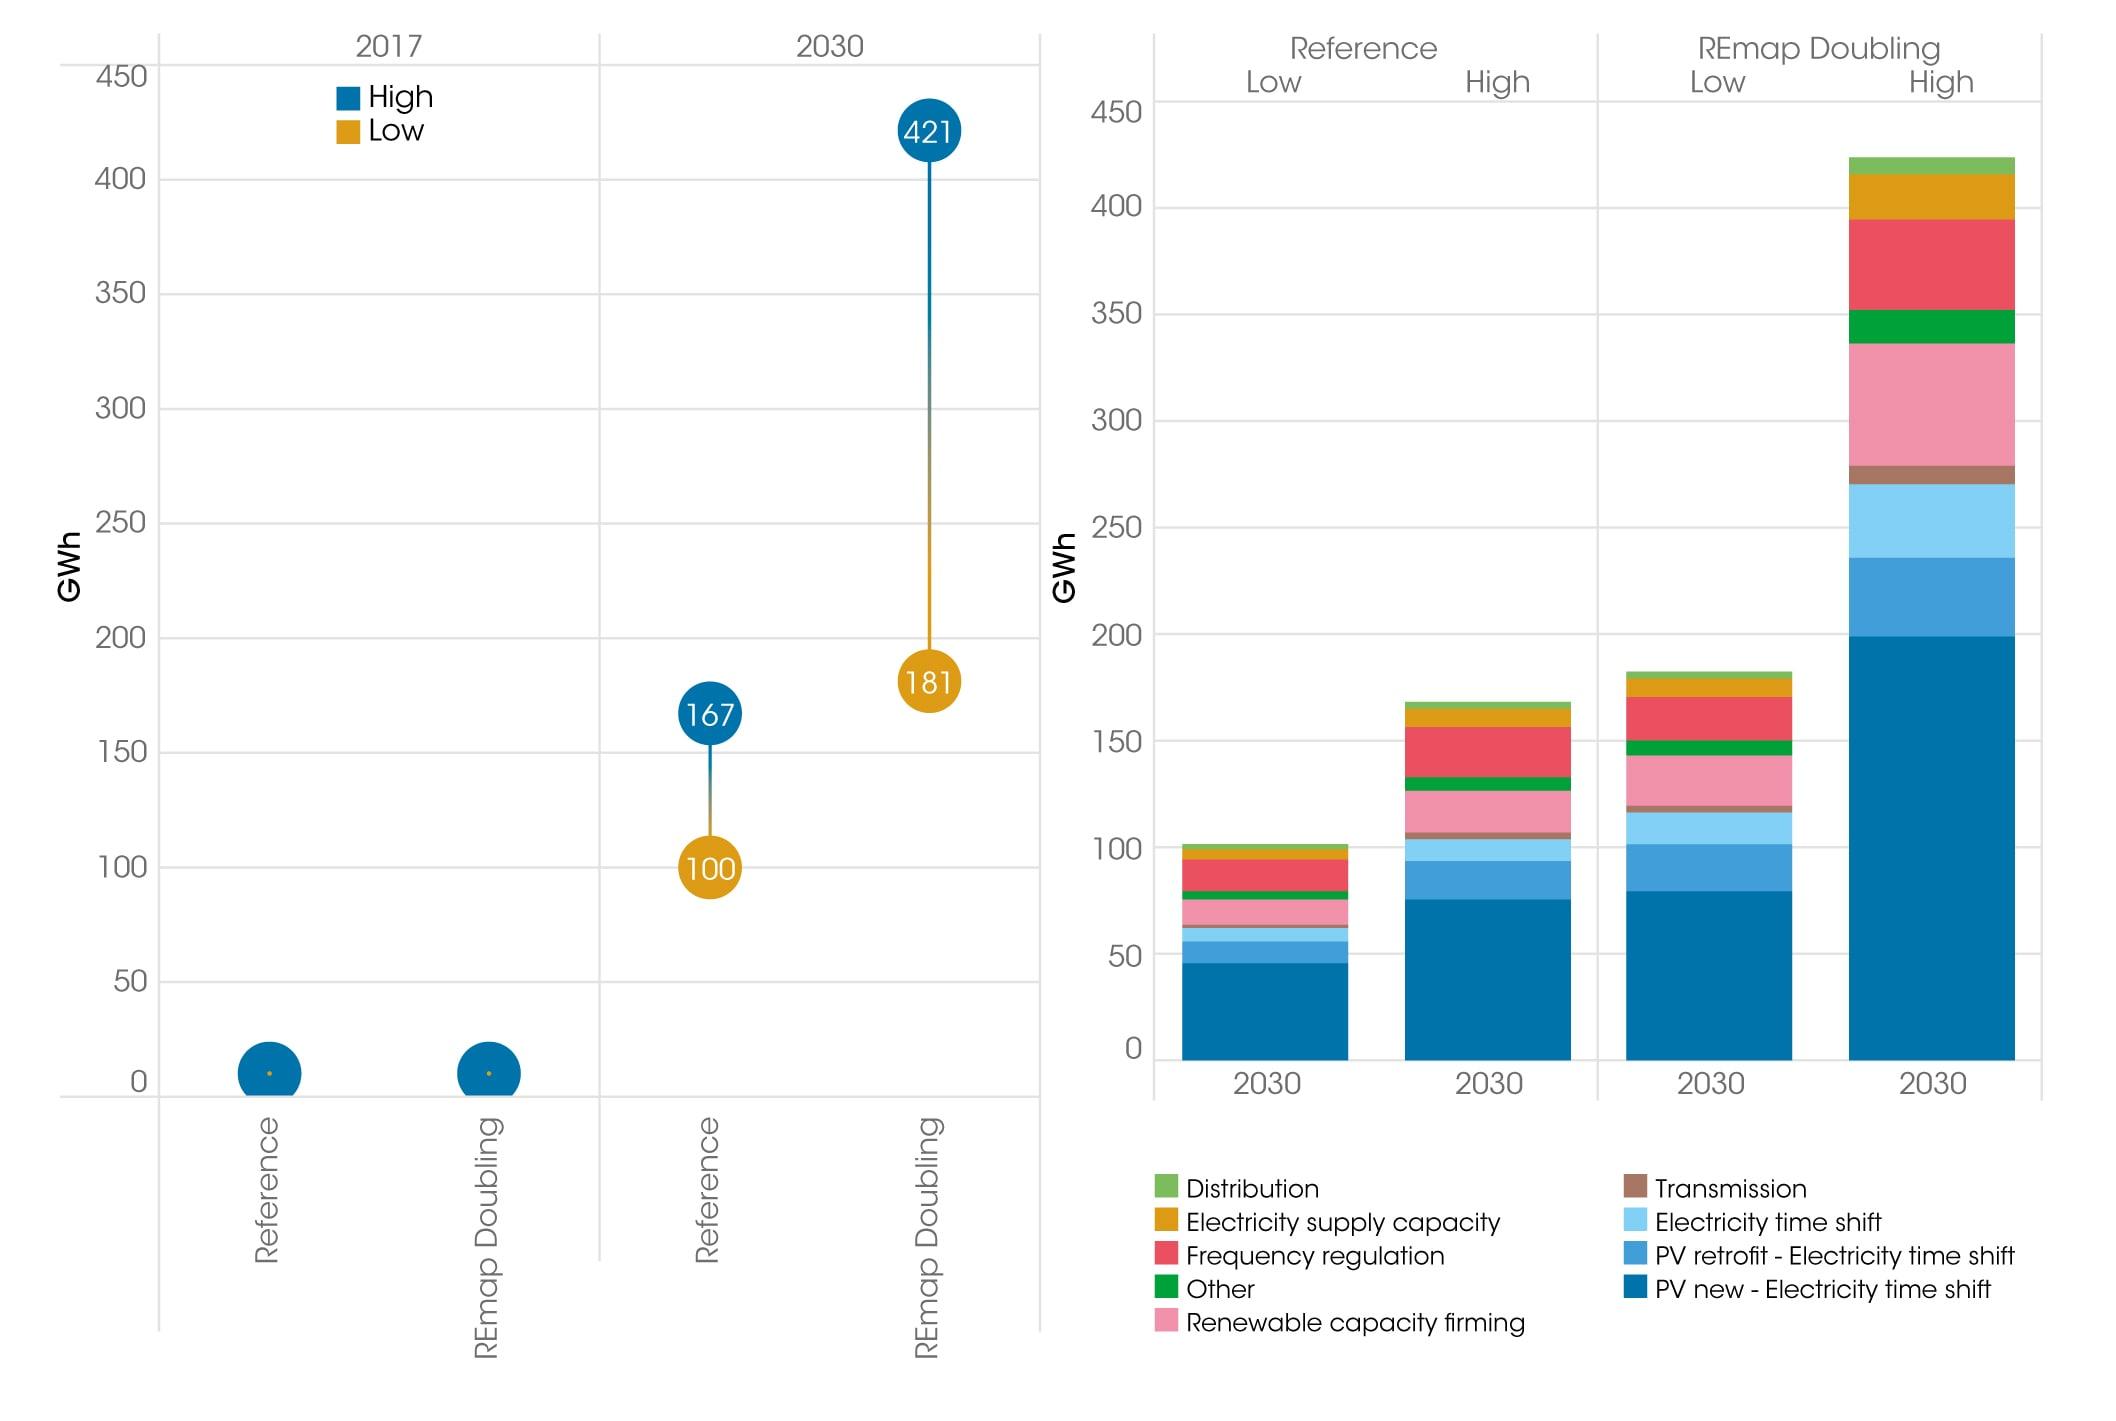 Рис. 3. Рост мировой накопительной способности стационарных батарейных ESS (BES) по типам их назначения, 2017-2030. Источник: IRENA «Electricity storage and renewables: Costs & Markets to 2030».